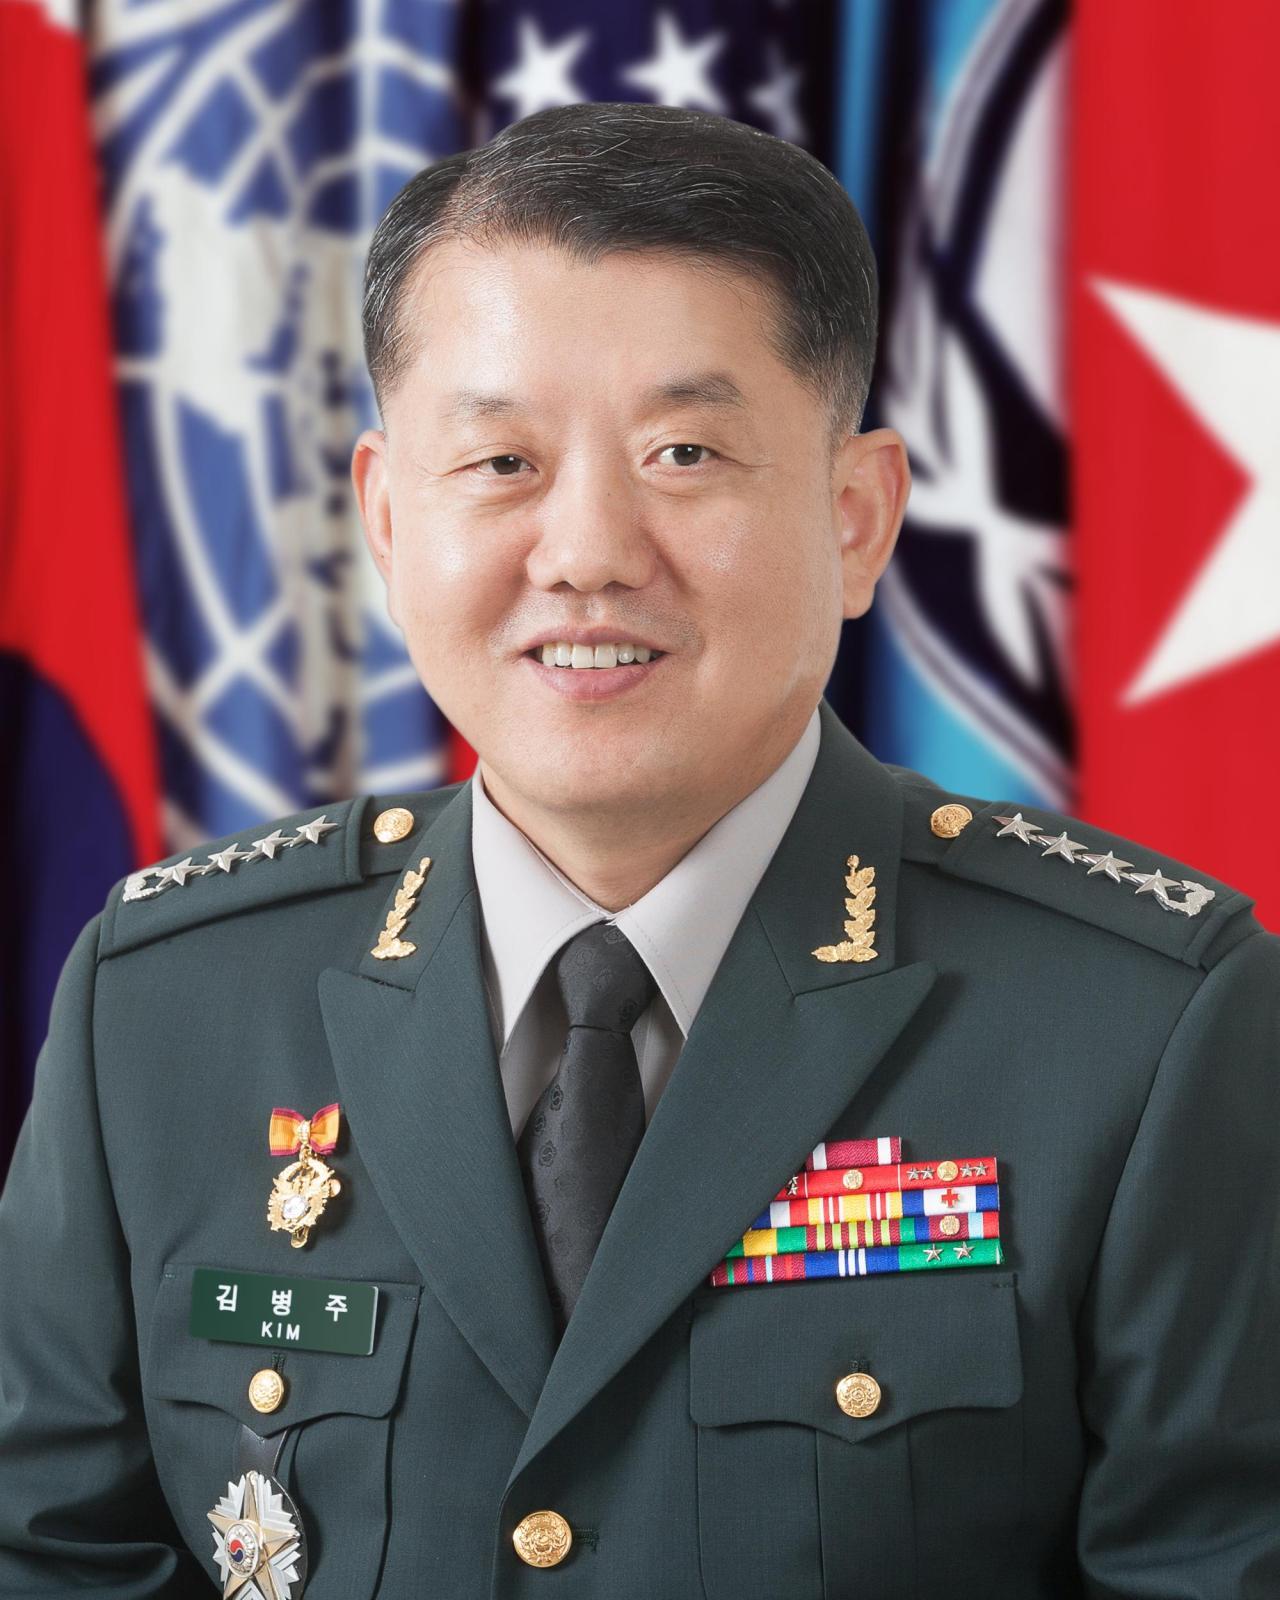 Rep. Kim Byung-joo